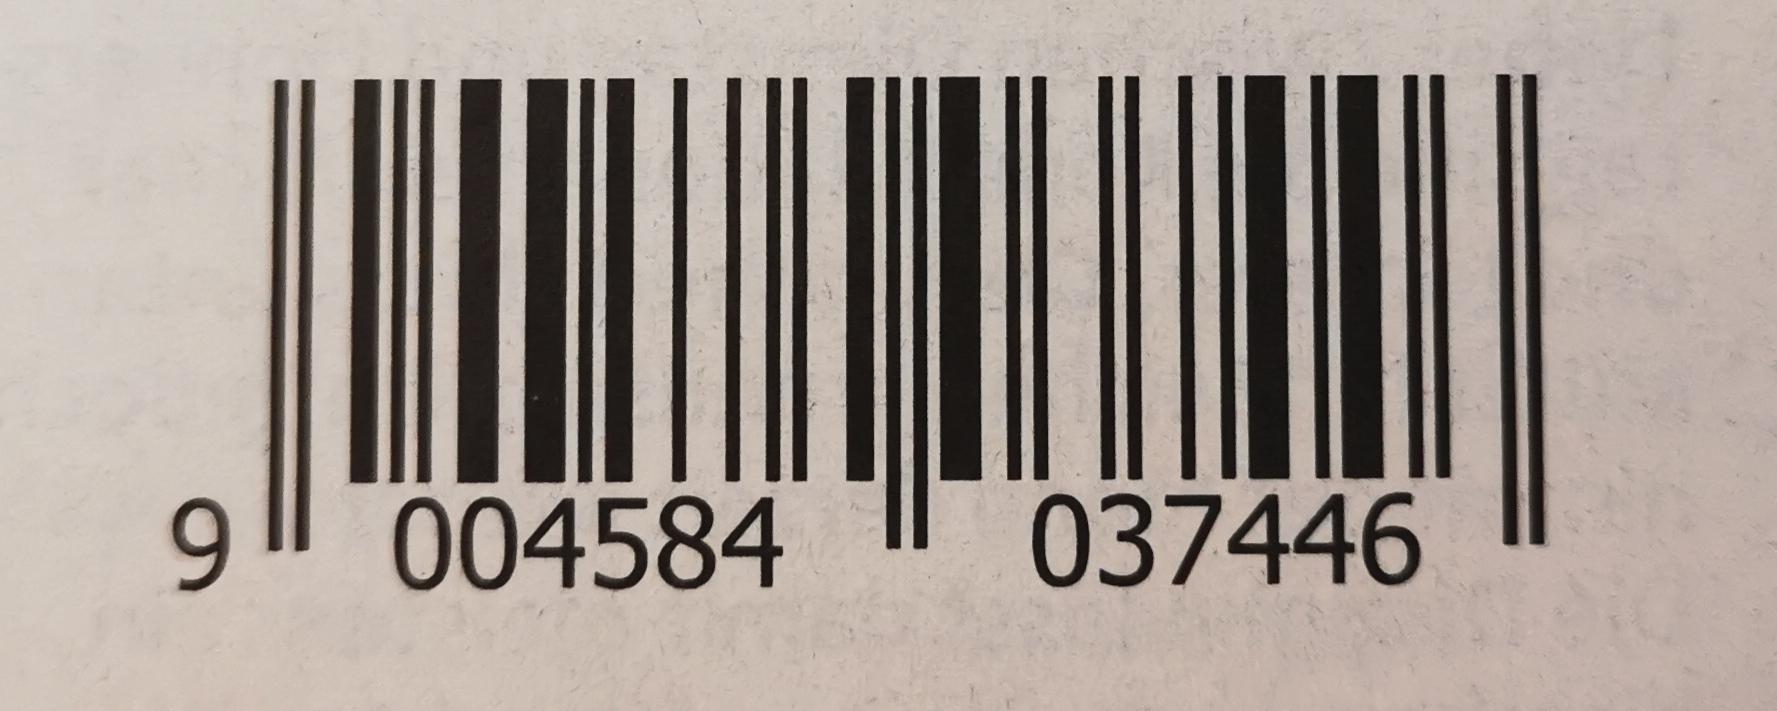 236307.jpg